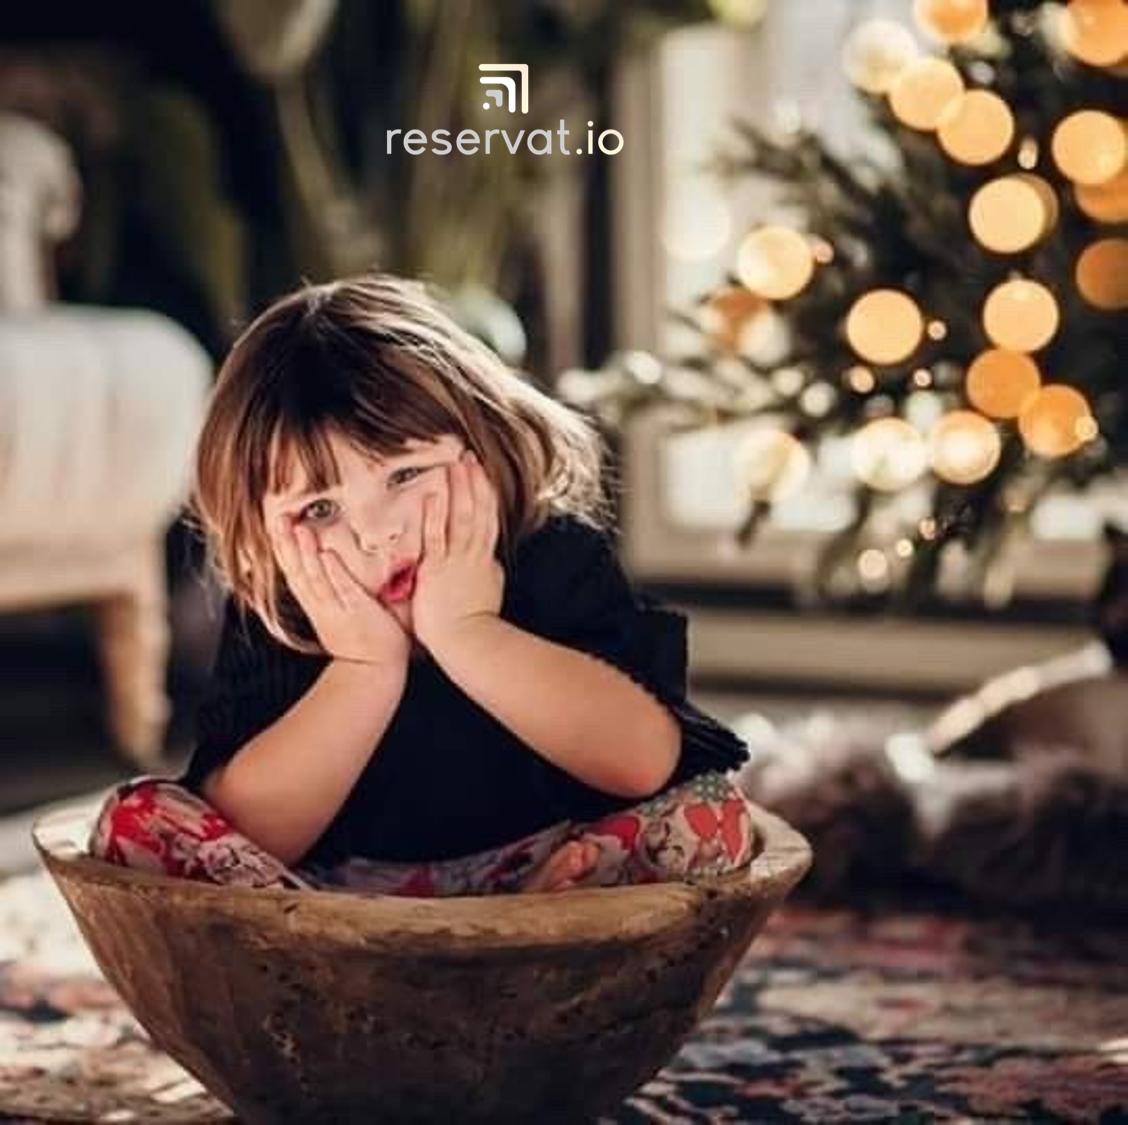 Lo mejor de la navidad es el sentimiento que ésta despierta en todos.